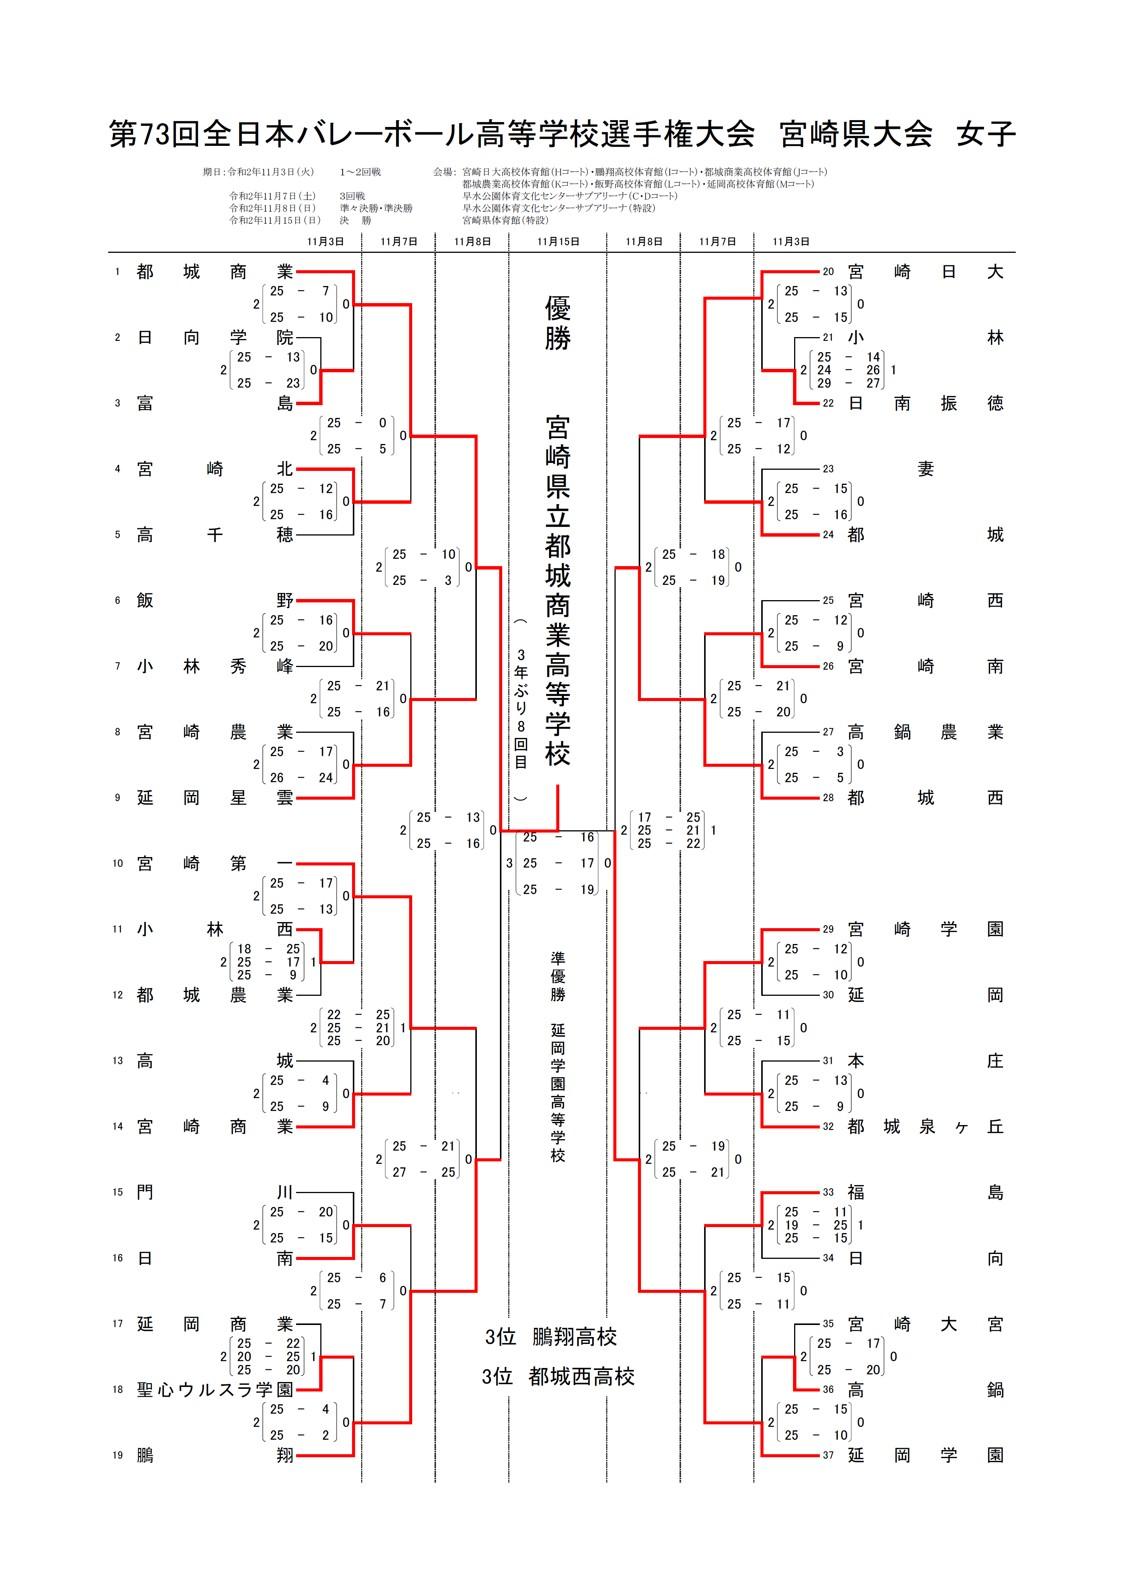 2020年度_全日本高校選手権_宮崎予選_女子_最終結果